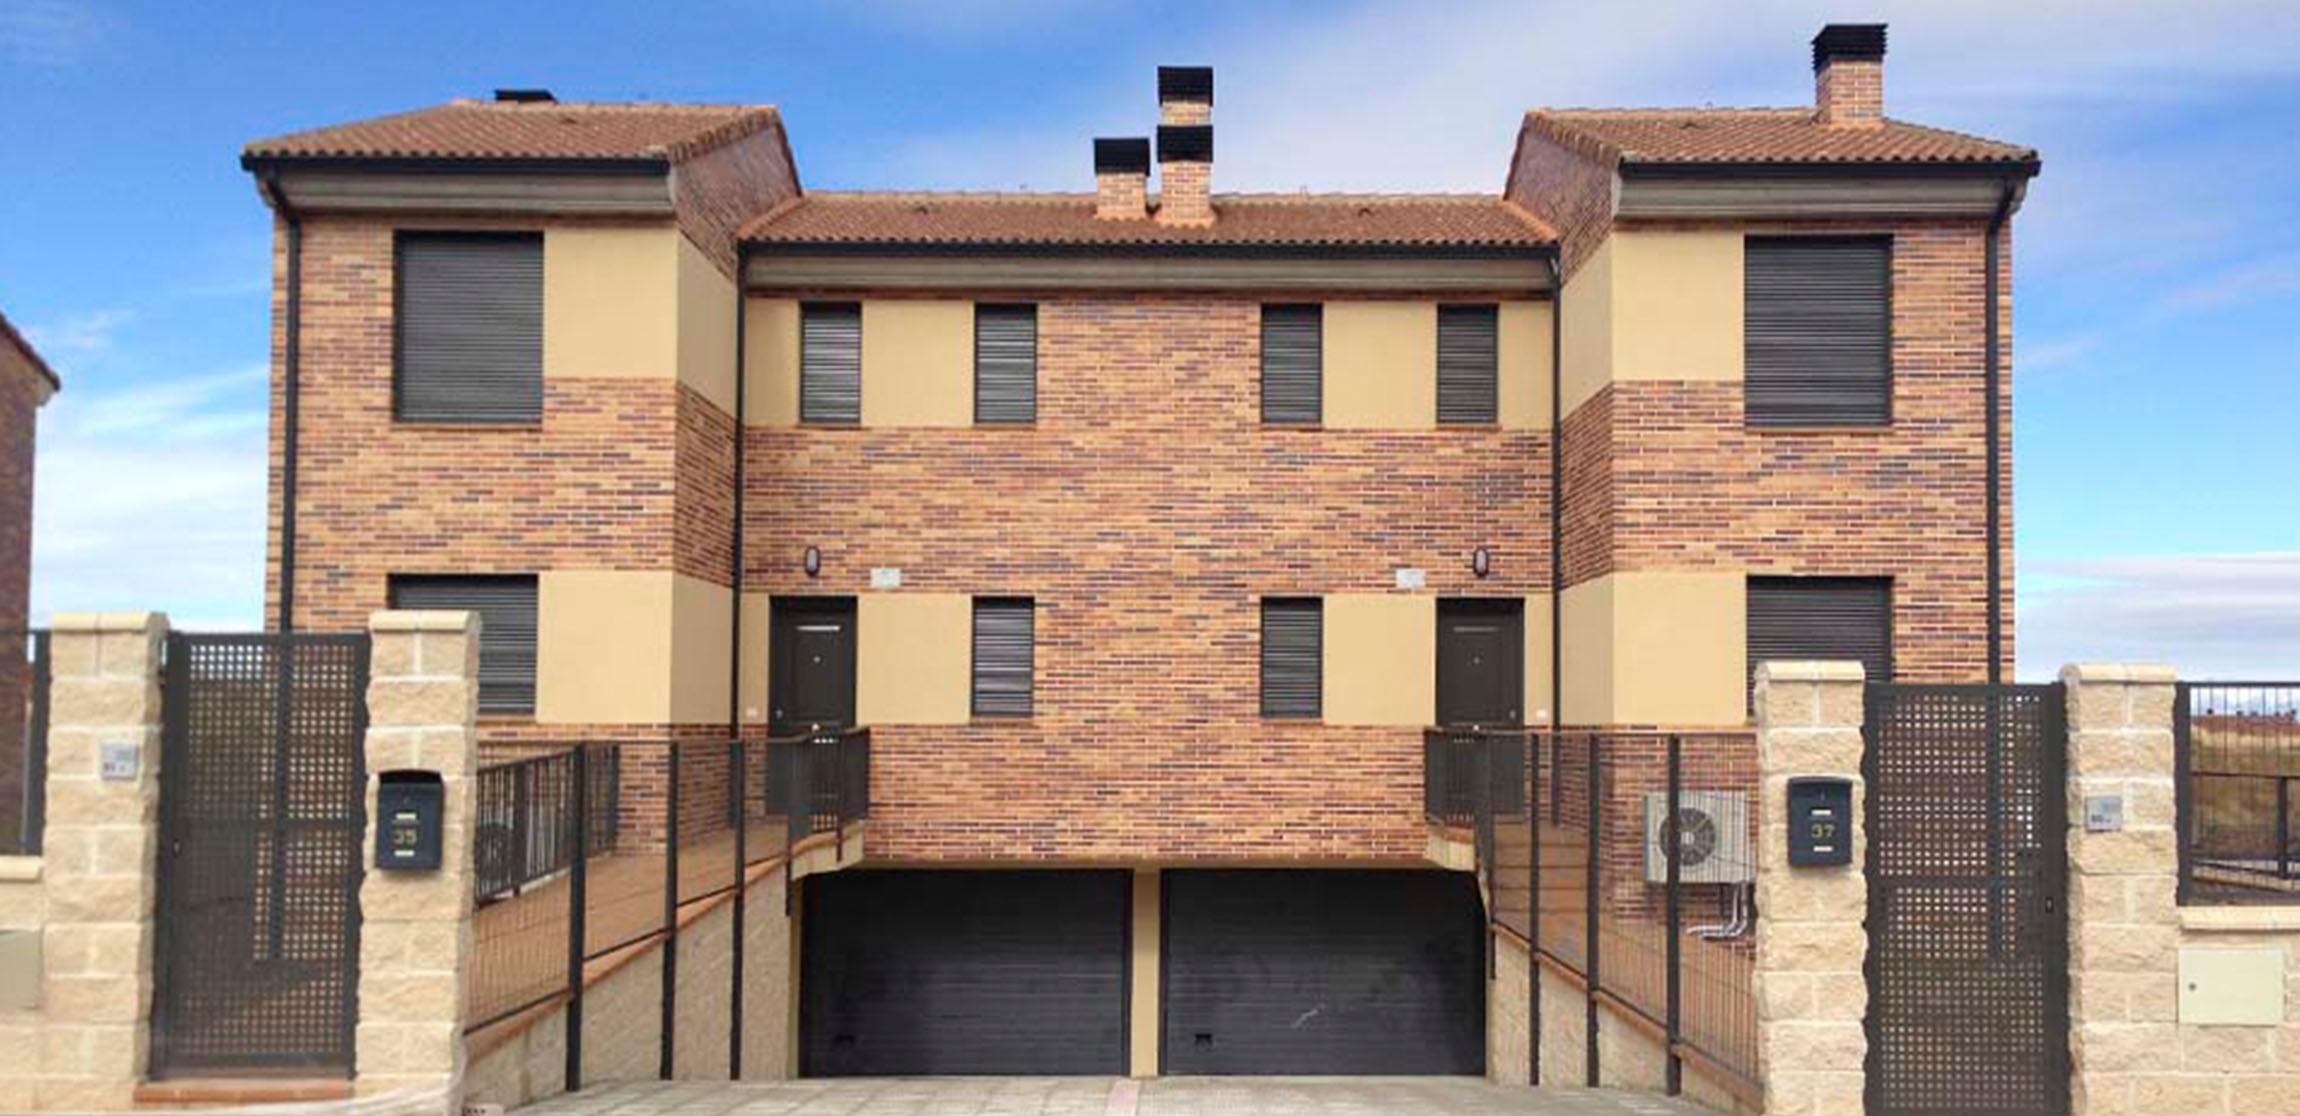 Adecomultigestión - Promociones de viviendas en la provincia de Segovia